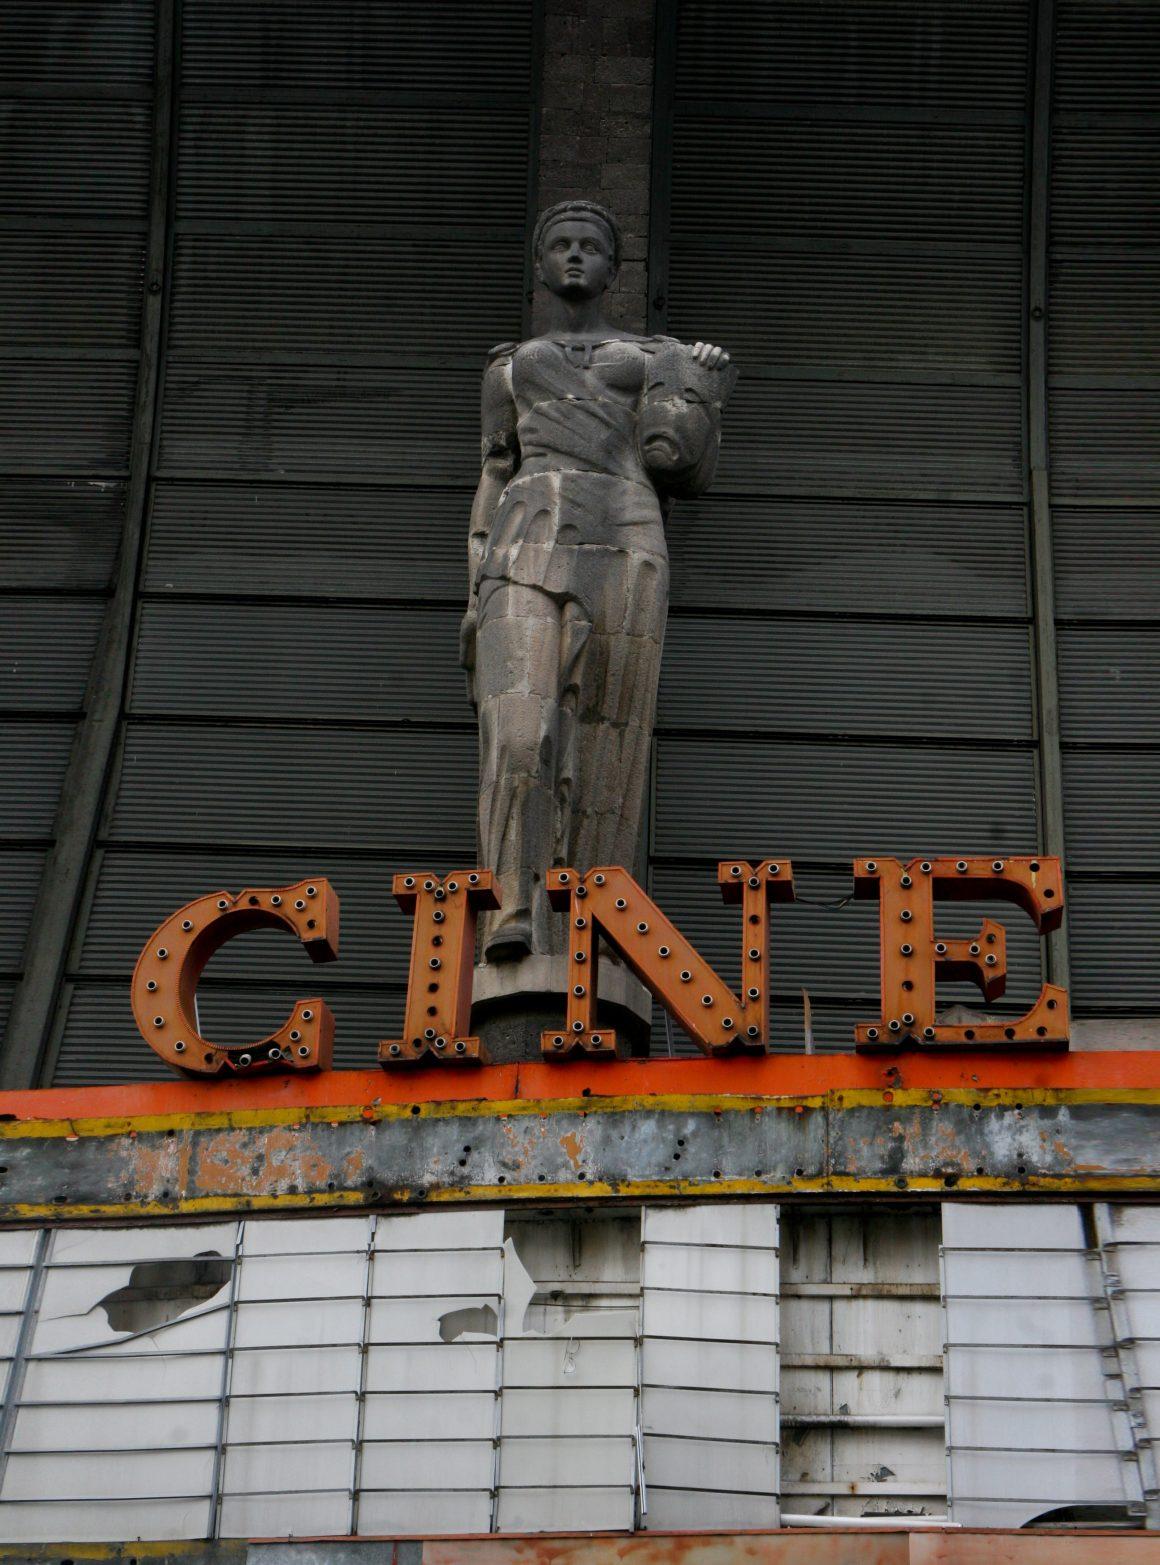 MÉXICO, D.F., 11SEPTIEMBRE2009.- Fachada del Cine Opera, ubicado en la calle de Serapio Rendón en la colonia Tabacalera. este tipo de complejos fueron muy populares en decádas pasadas aunque en la actualidad son inmuebles abandonados que irradian parte de su majestuosidad y del pasado que se nos fue. FOTO: MOISÉS PABLO/CUARTOSCURO.COM